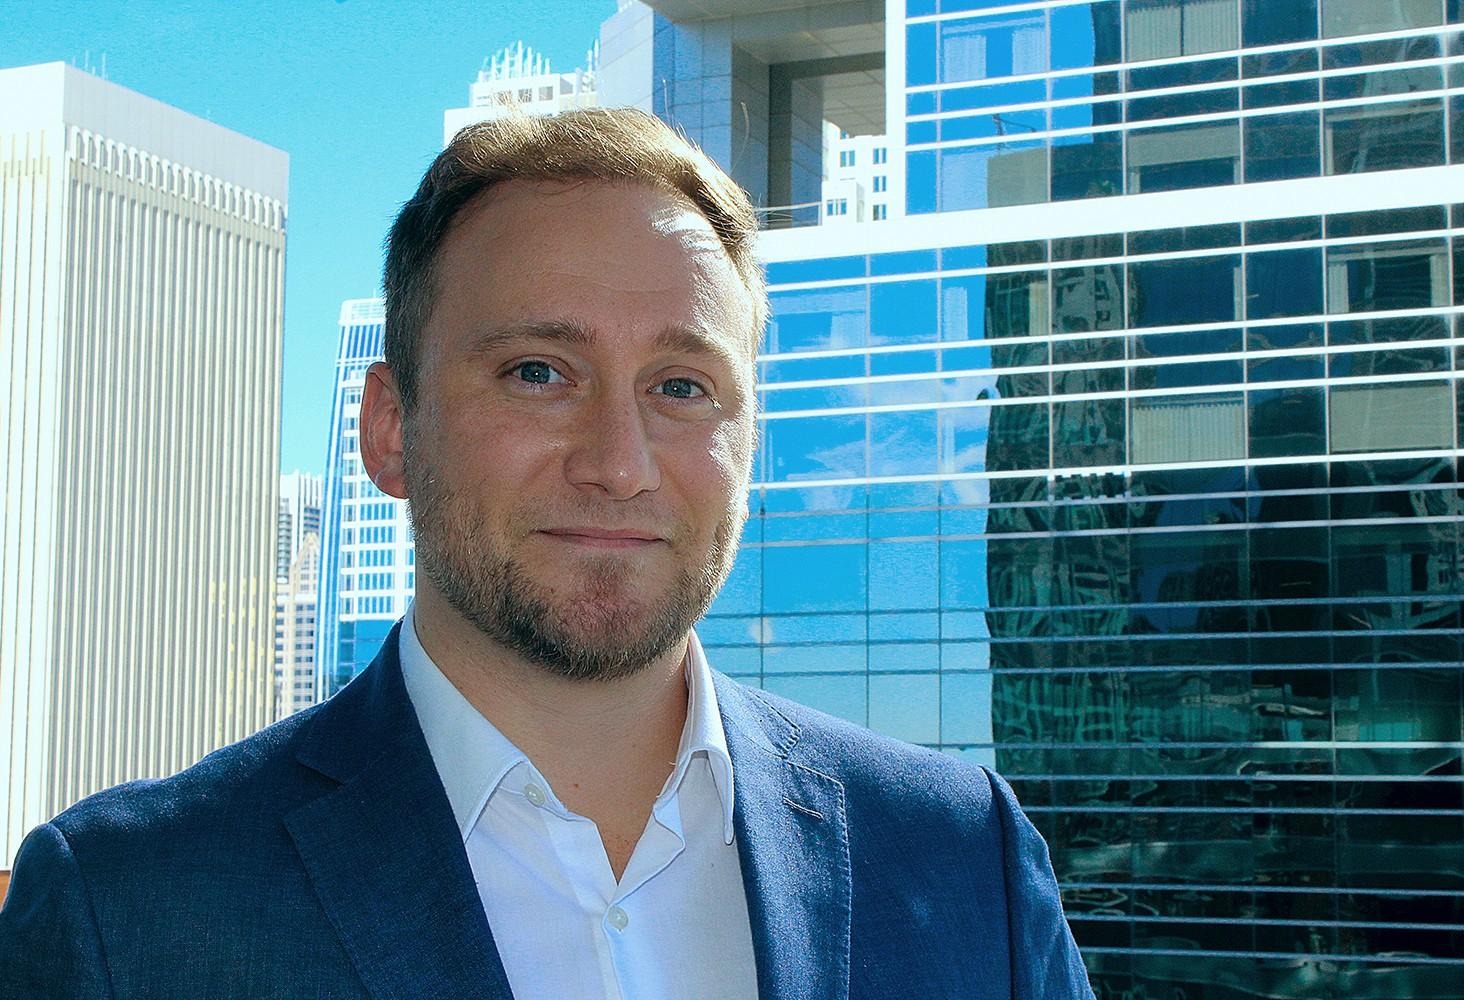 Joseph Hudson, Technical Recruiter